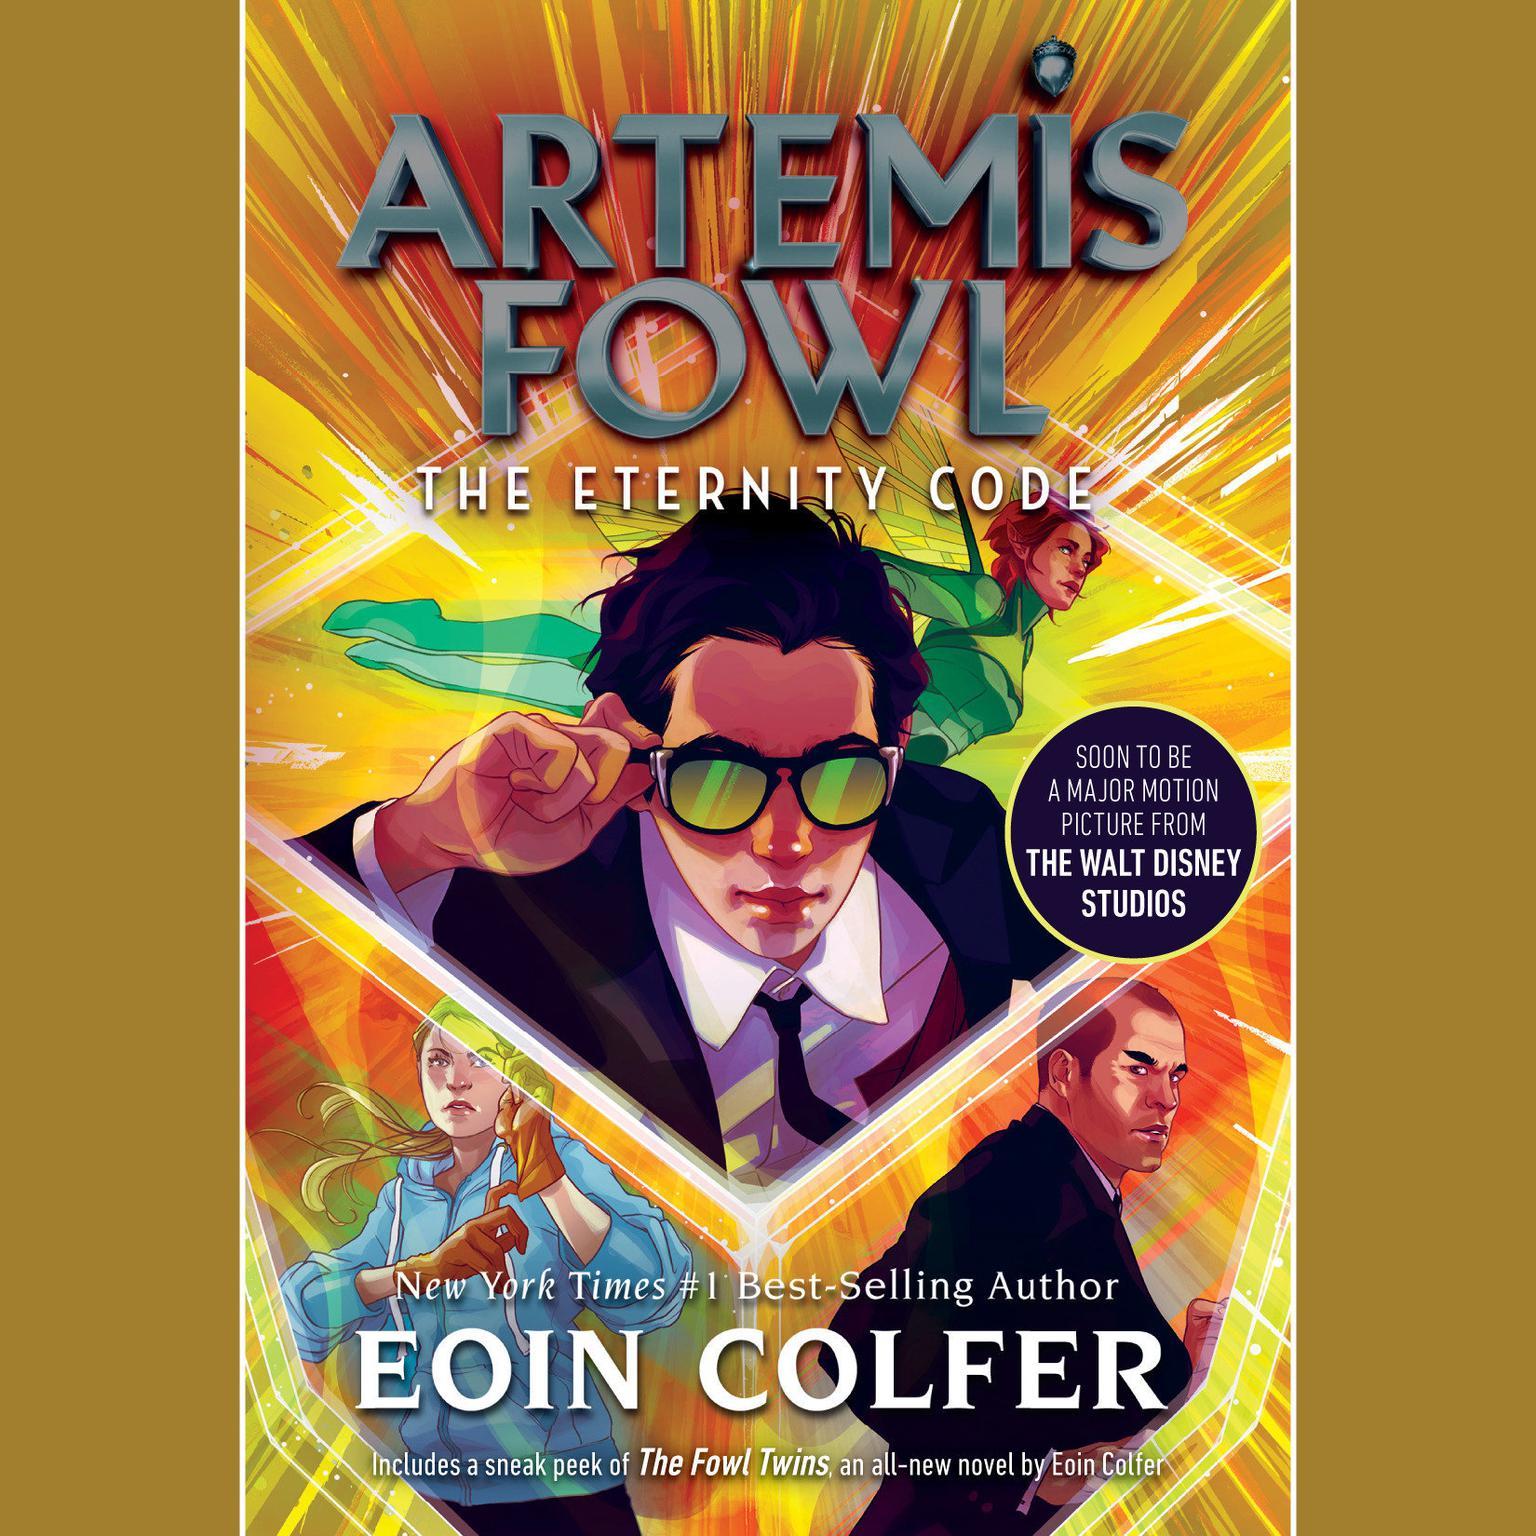 artemis fowl series pdf download